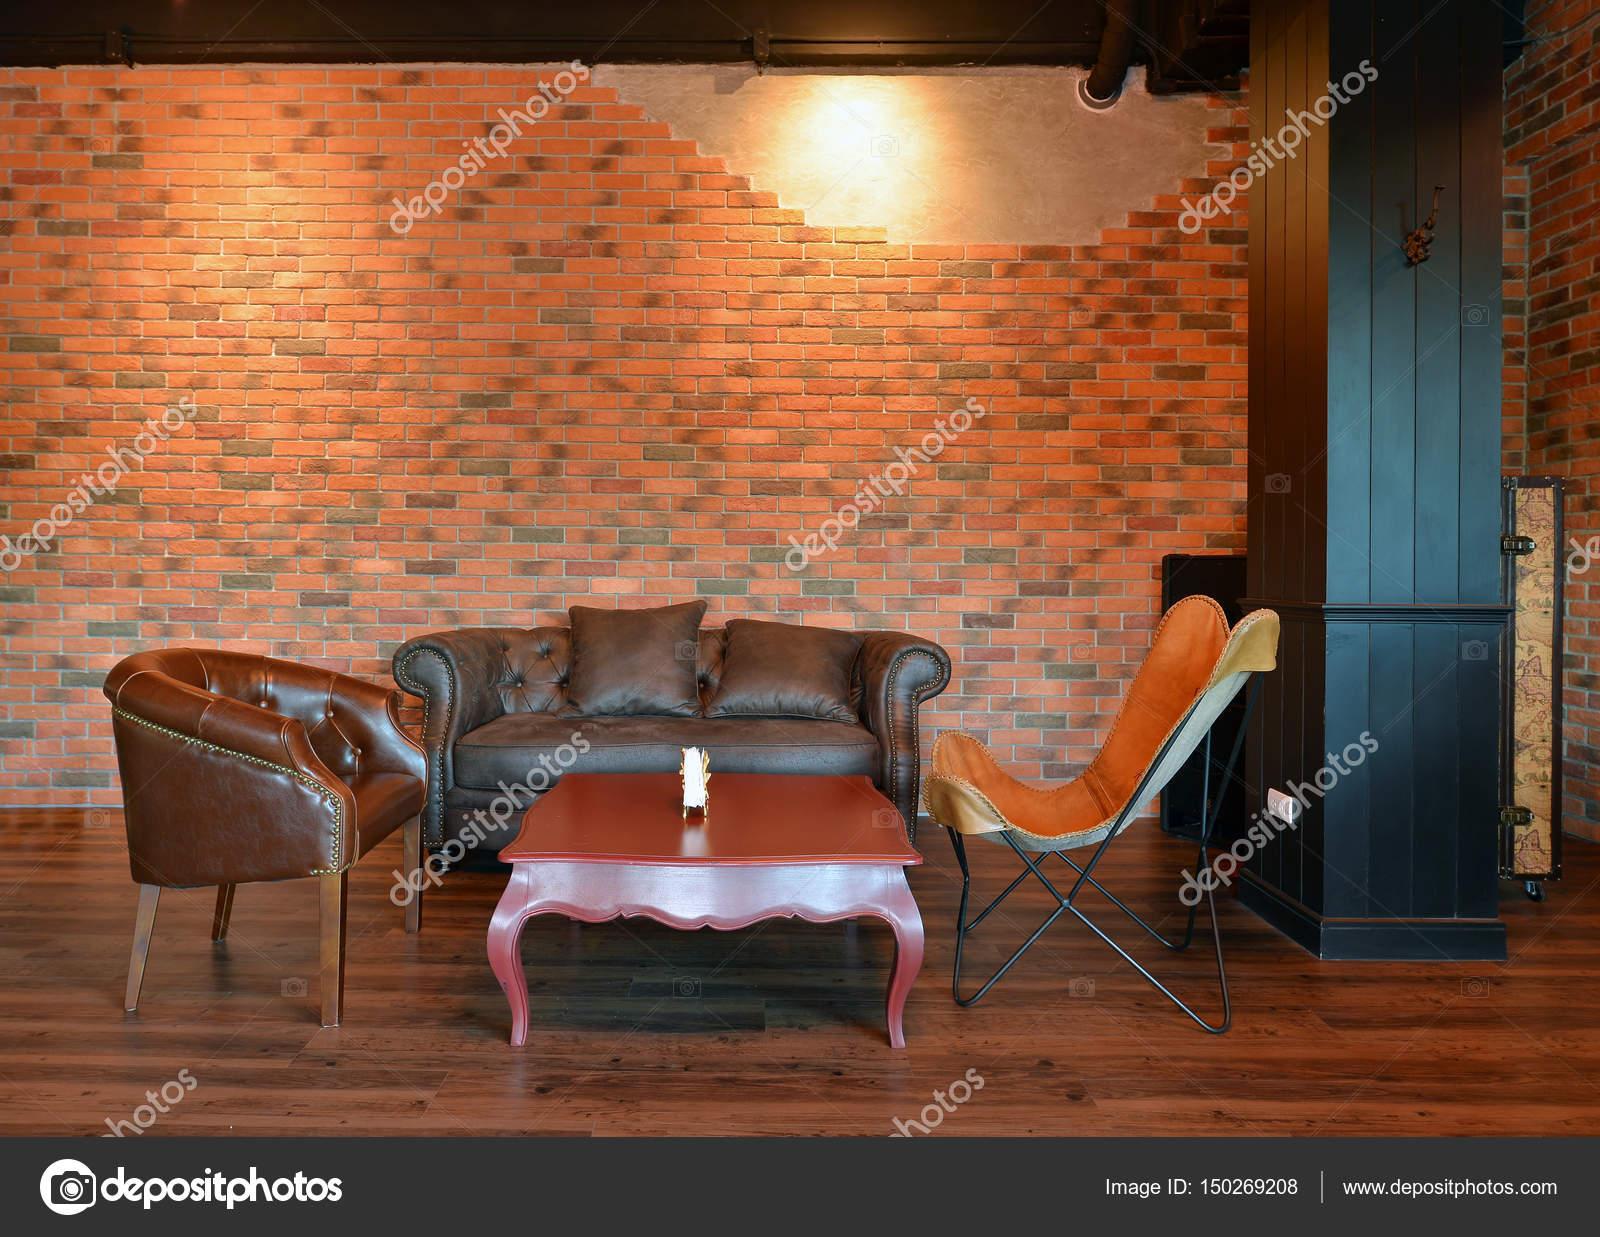 Retro Sofas Im Wohnzimmer Mit Dekoration In Wohnung, Loft St U2014 Stockfoto